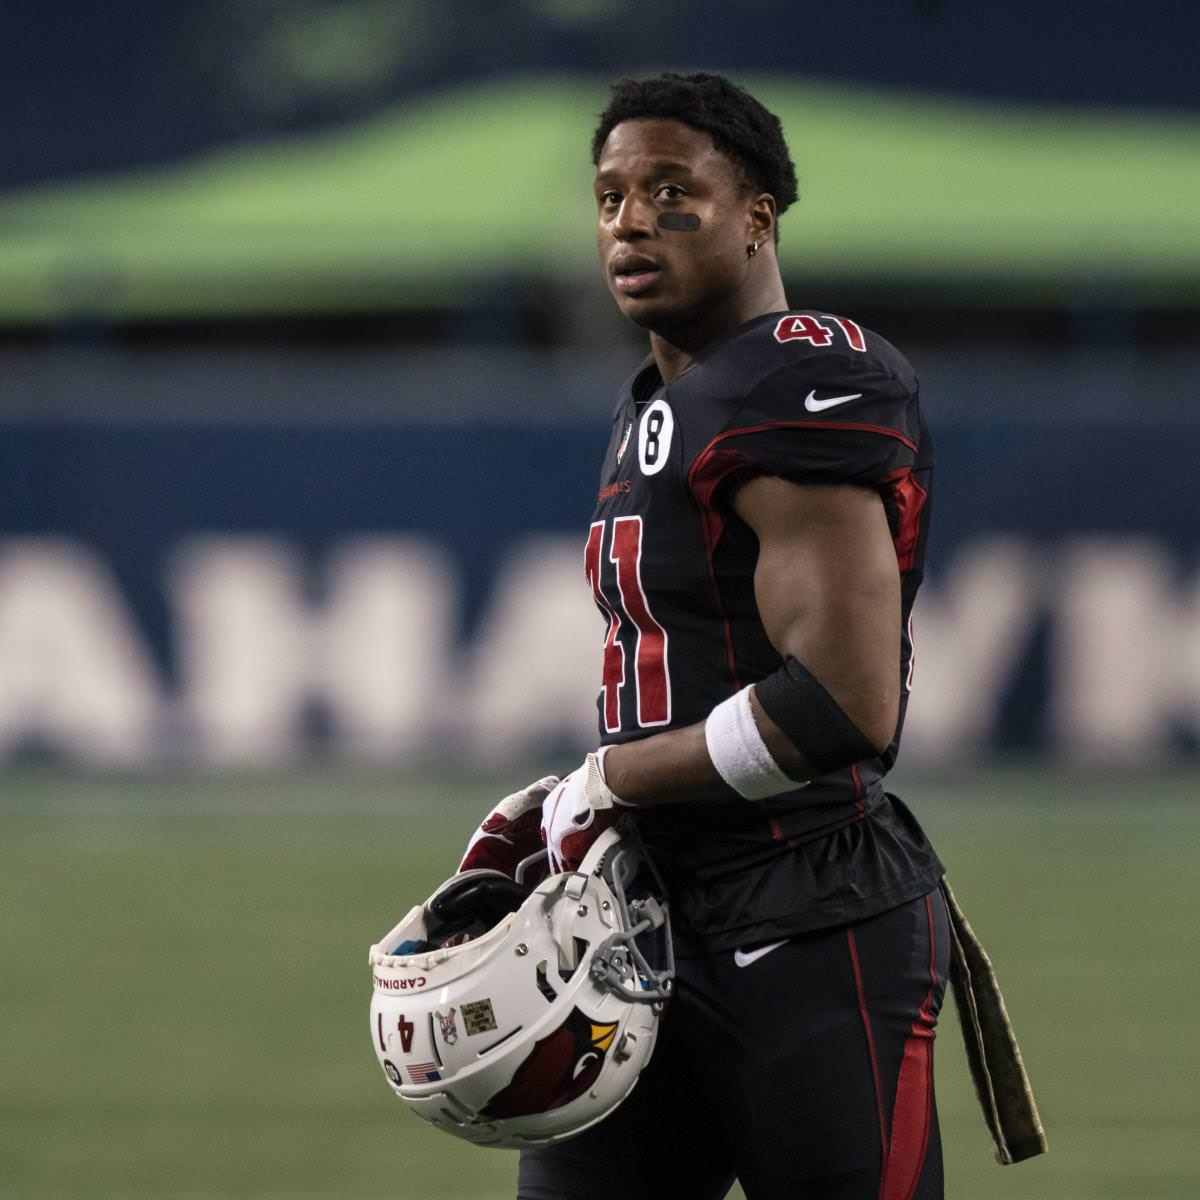 Agentes gratuitos da NFL com maior probabilidade de serem pagos em excesso na entressafra de 2021